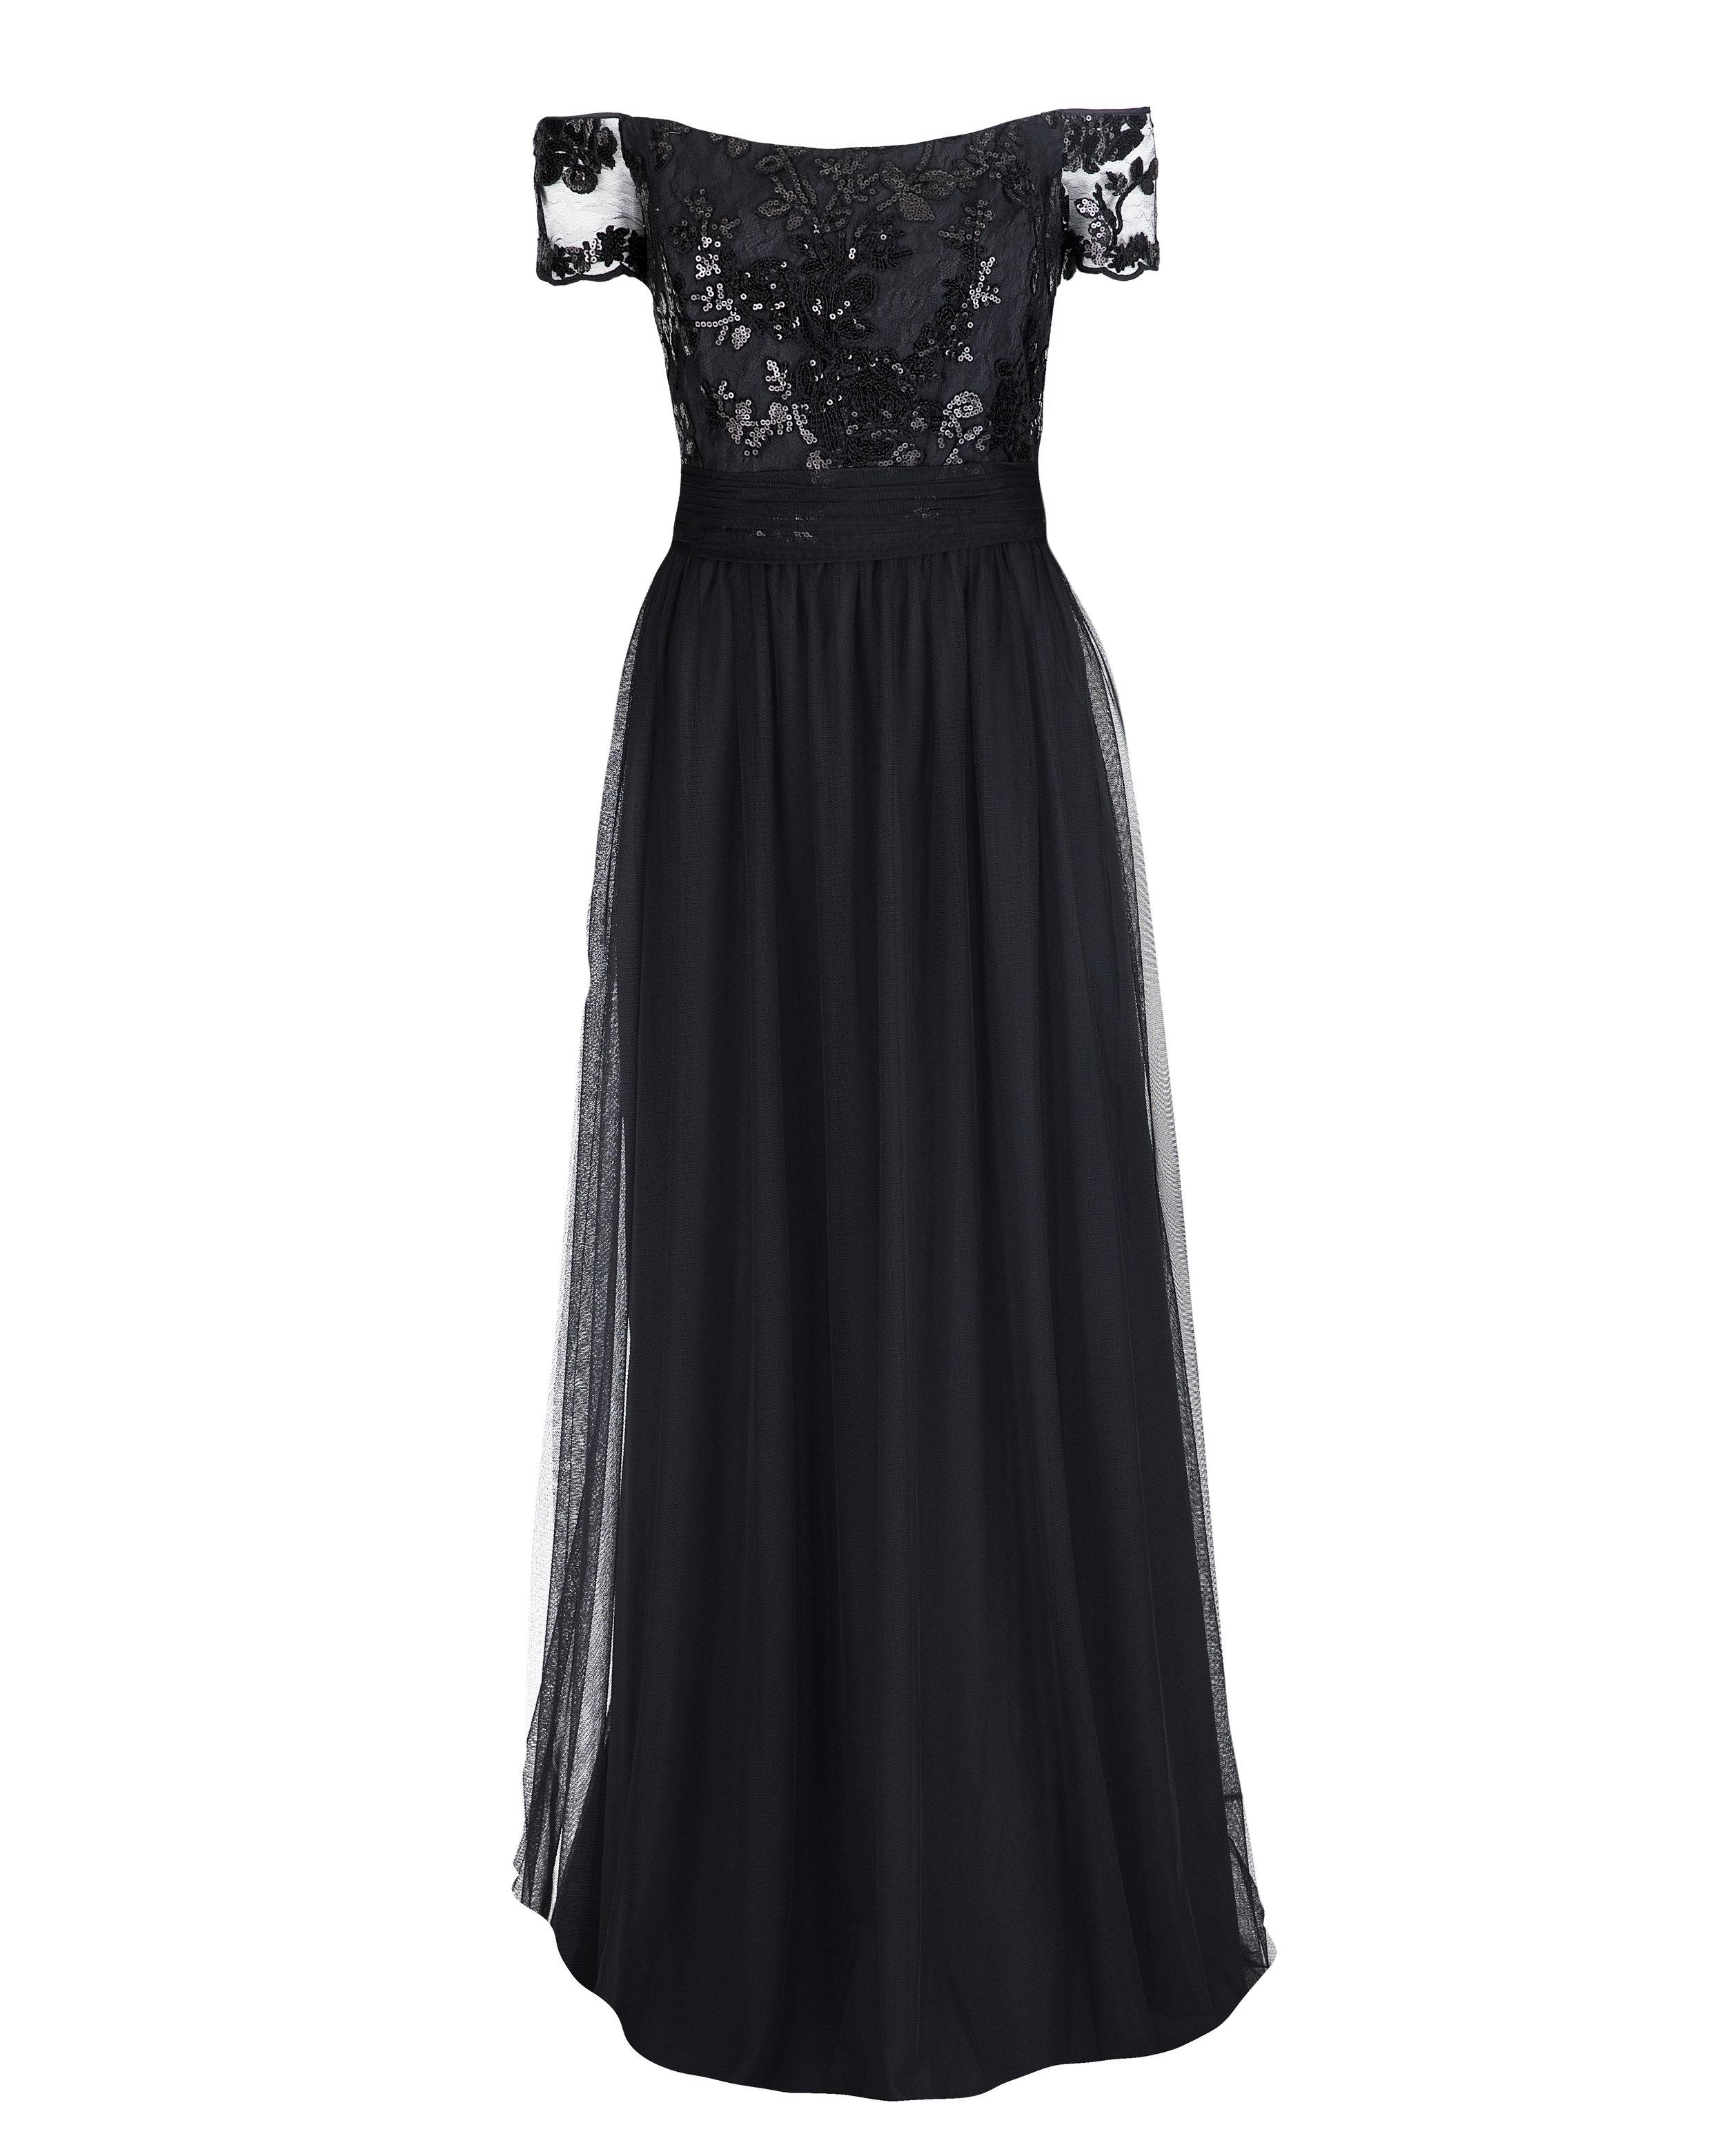 Copy of Amsale Ireland GB039 Black Sequin Lace